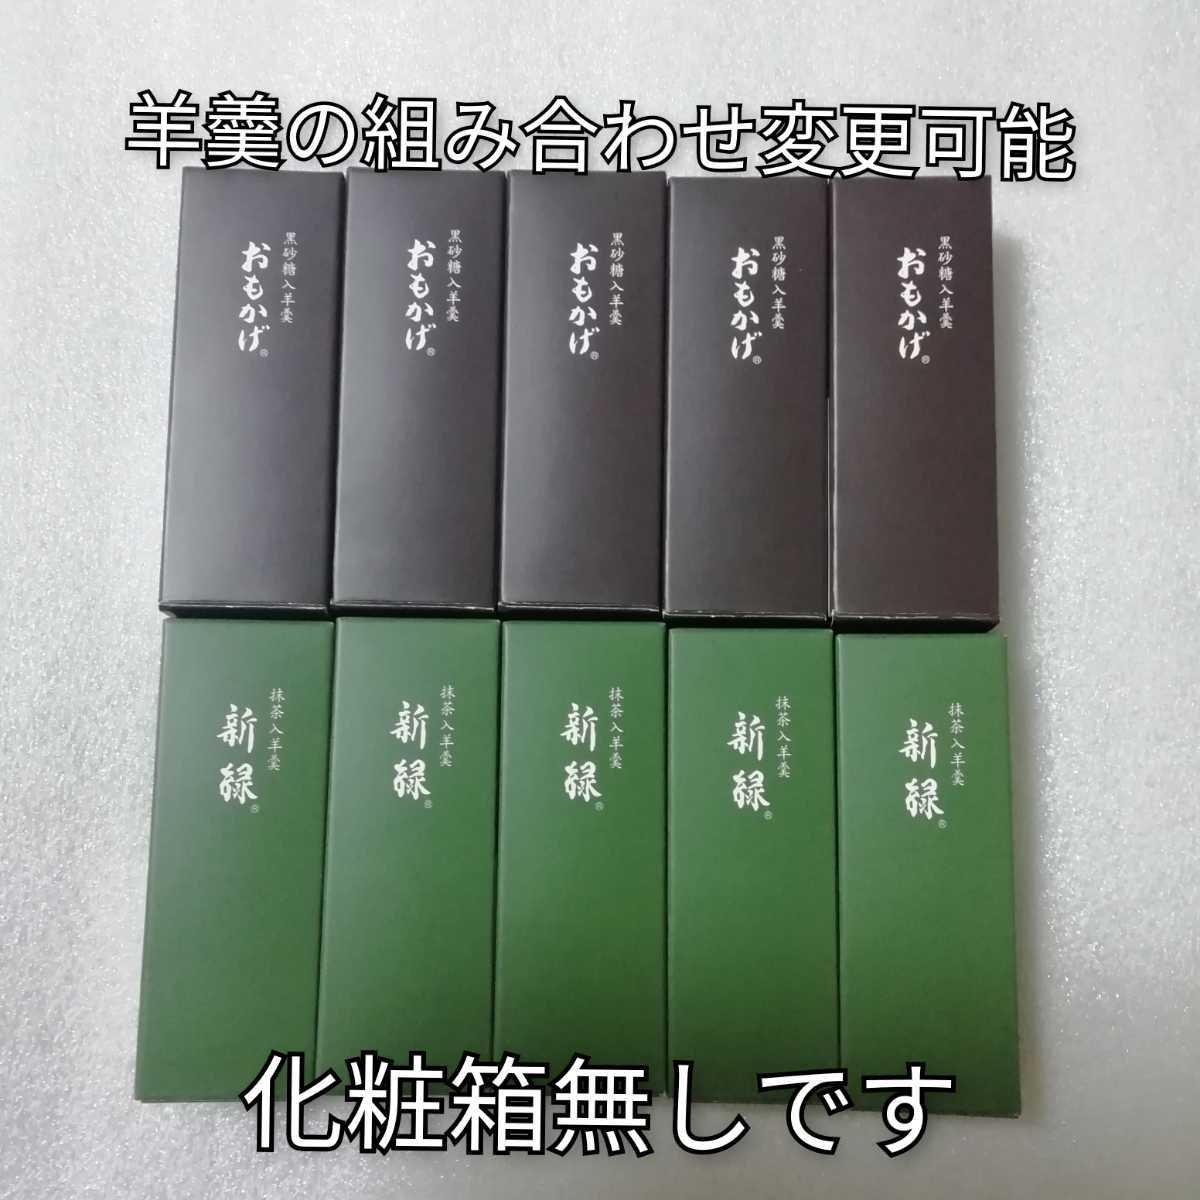 とらや 10本 おもかげ 新緑 抹茶 ようかん 羊羹 化粧箱無し 虎屋_画像1